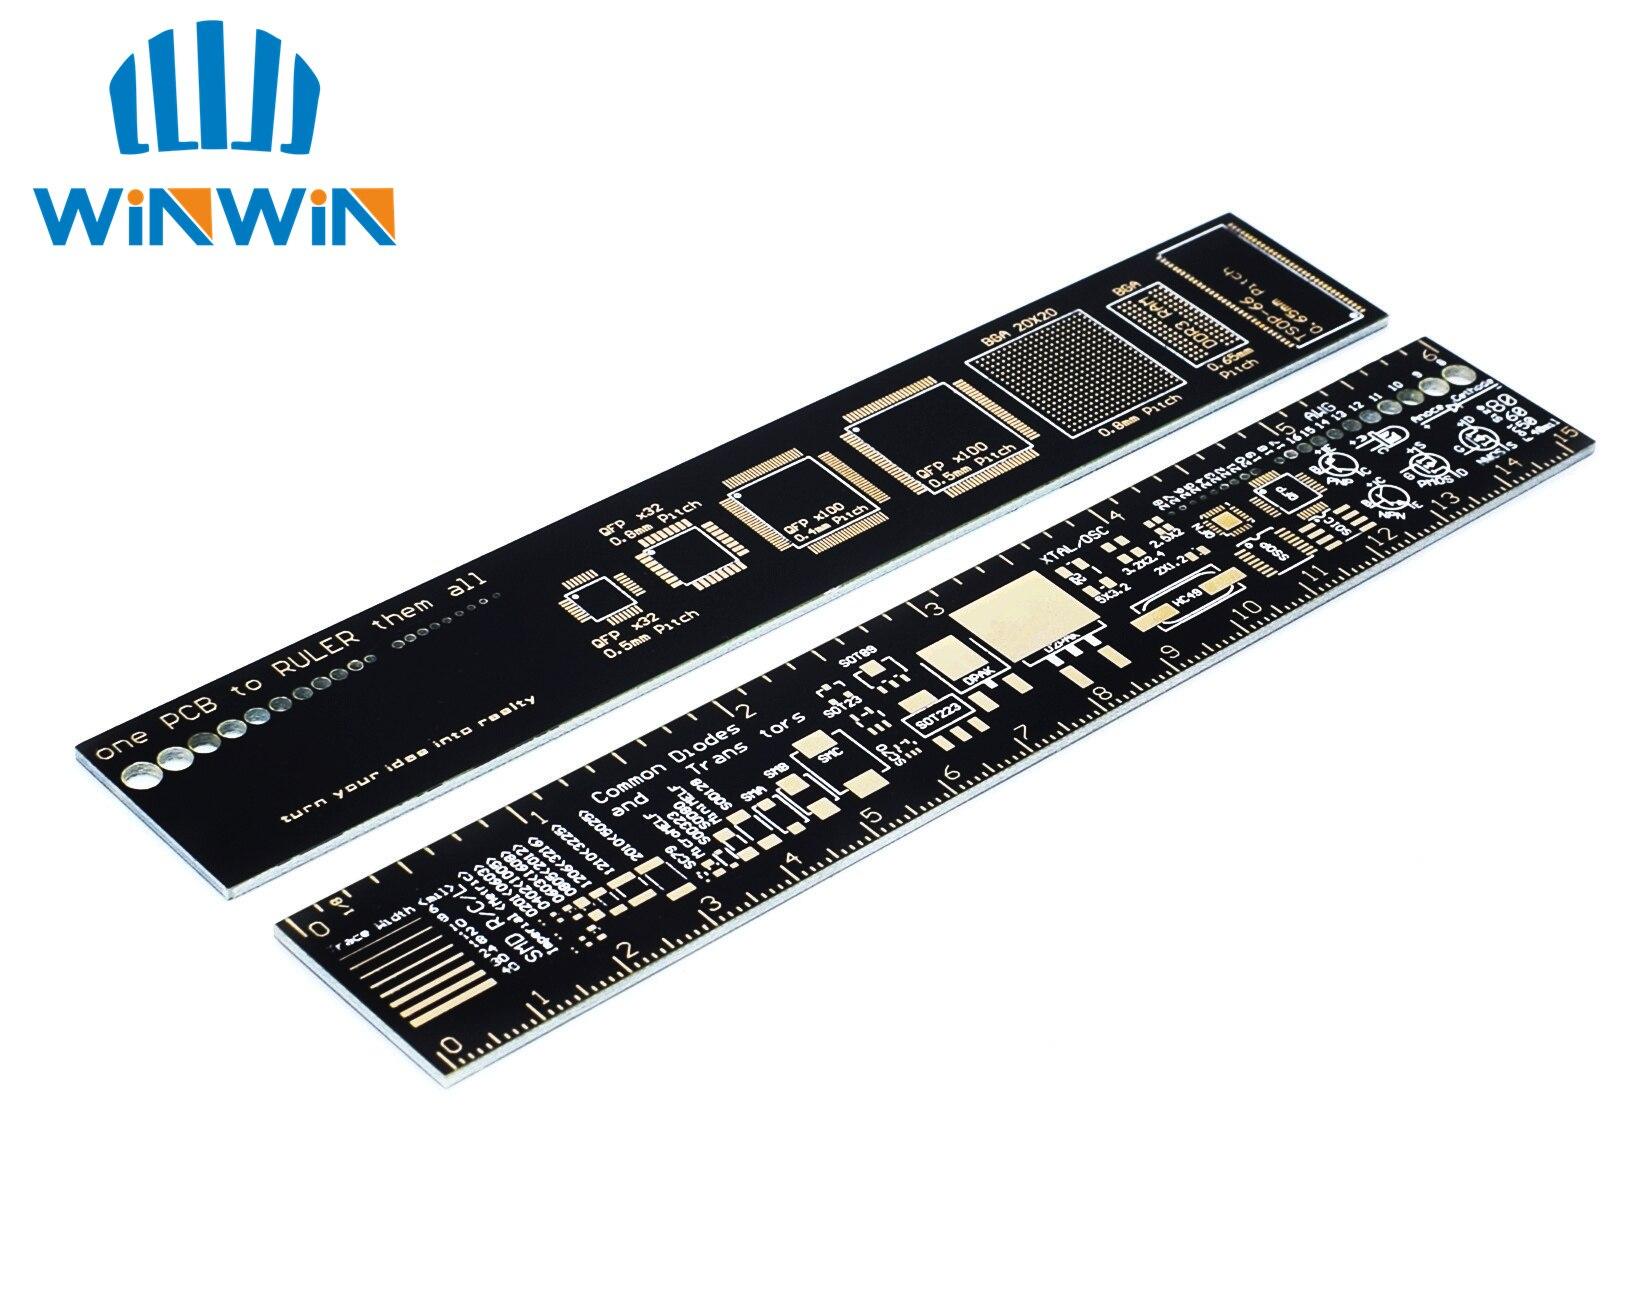 Линейка I72 PCB 15 см для электронных инженеров, сборщиков Geeks, для вентиляторов, линейка для справочных печатных плат, упаковочные блоки PCB v2 - 6